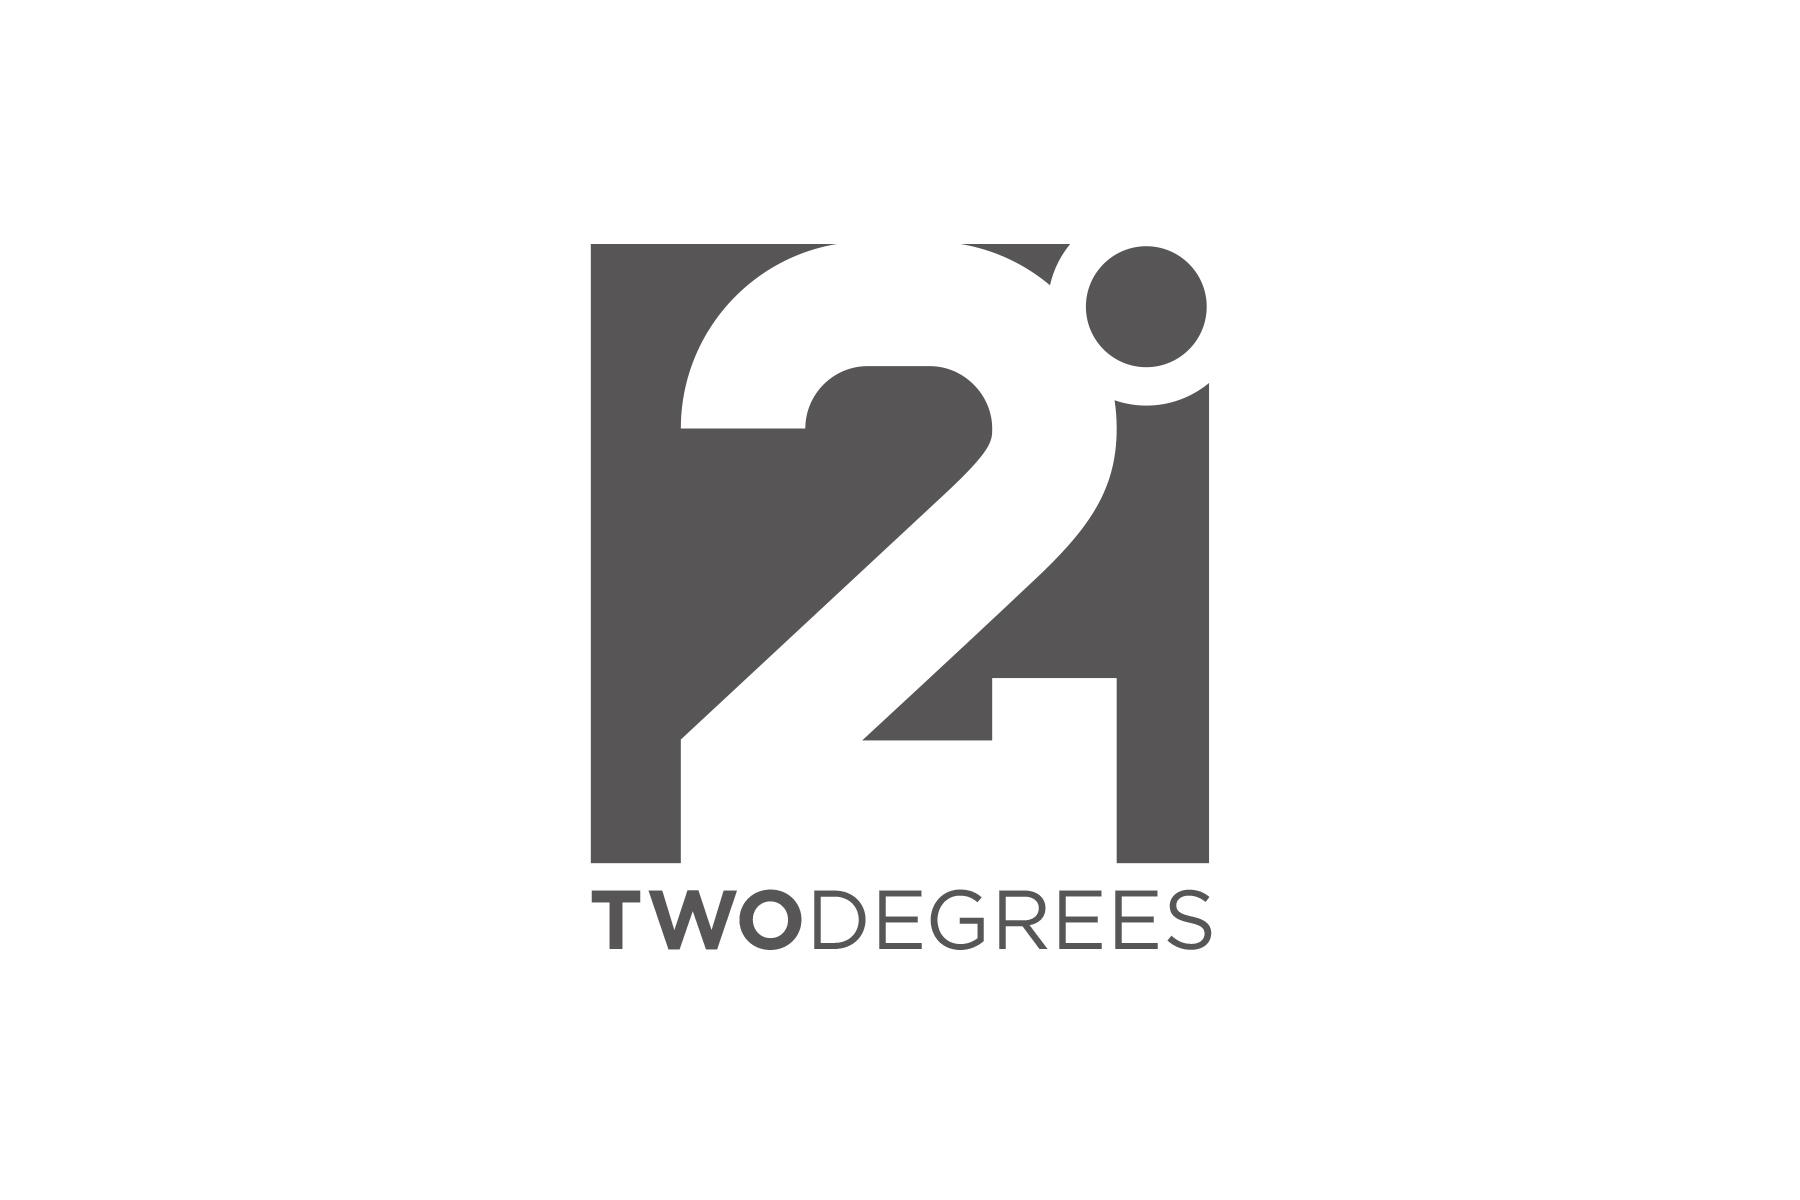 2Degrees_6x4_Logo_Alt_A1.jpg